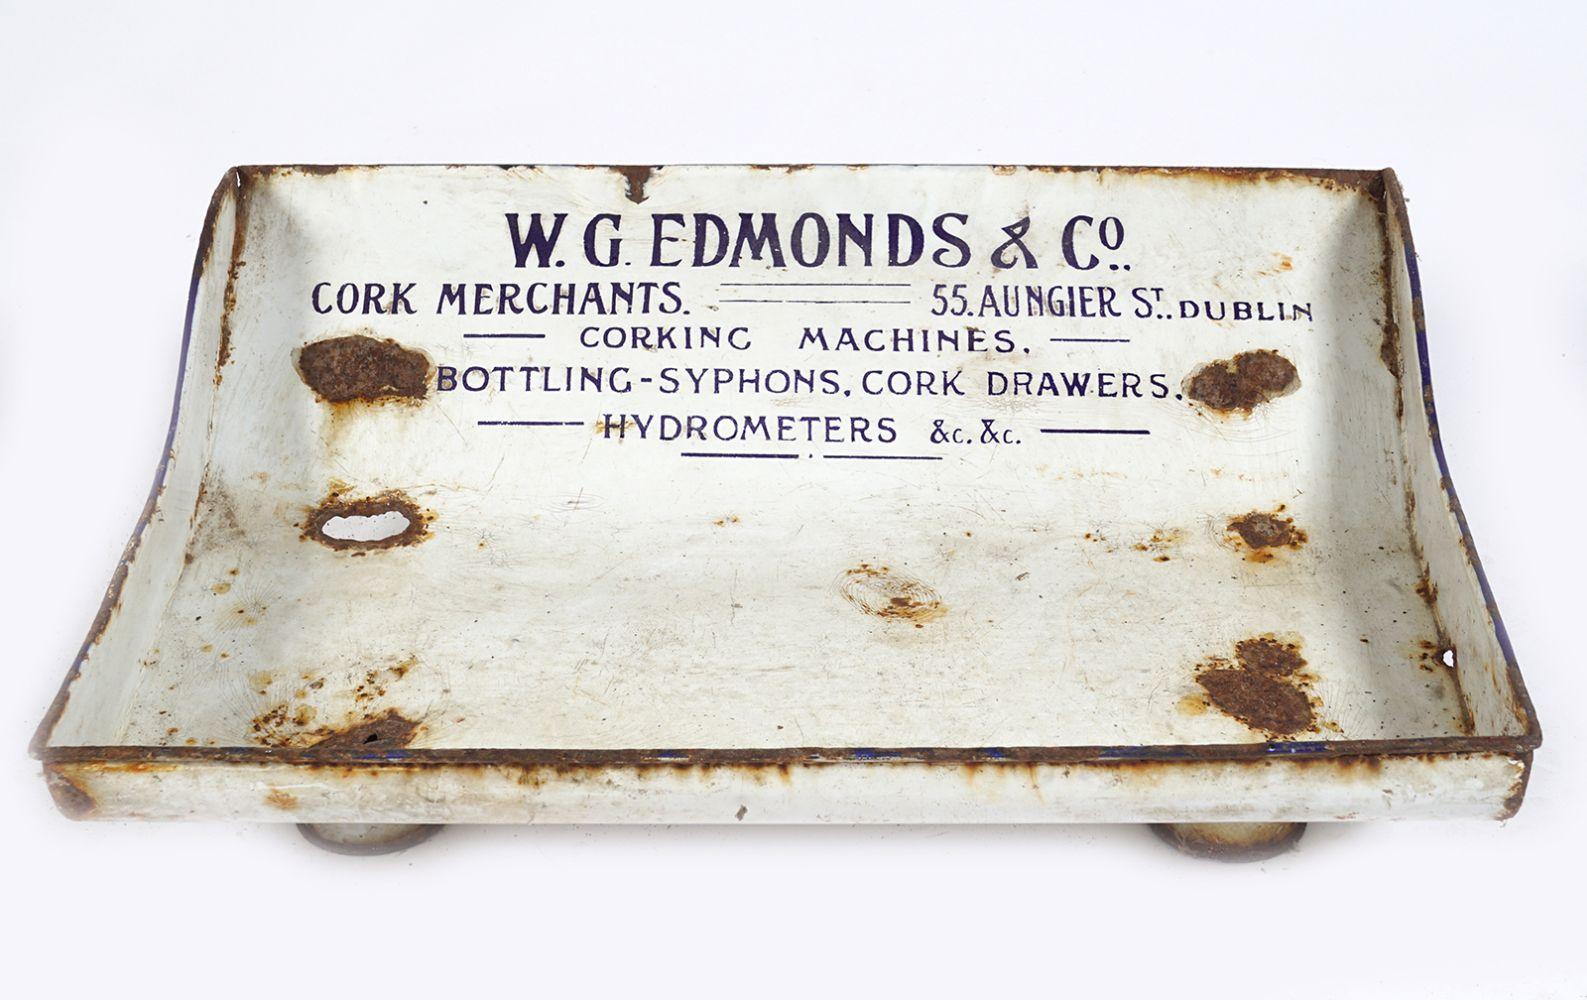 W. G. EDMONDS & CO. DESK SIGN